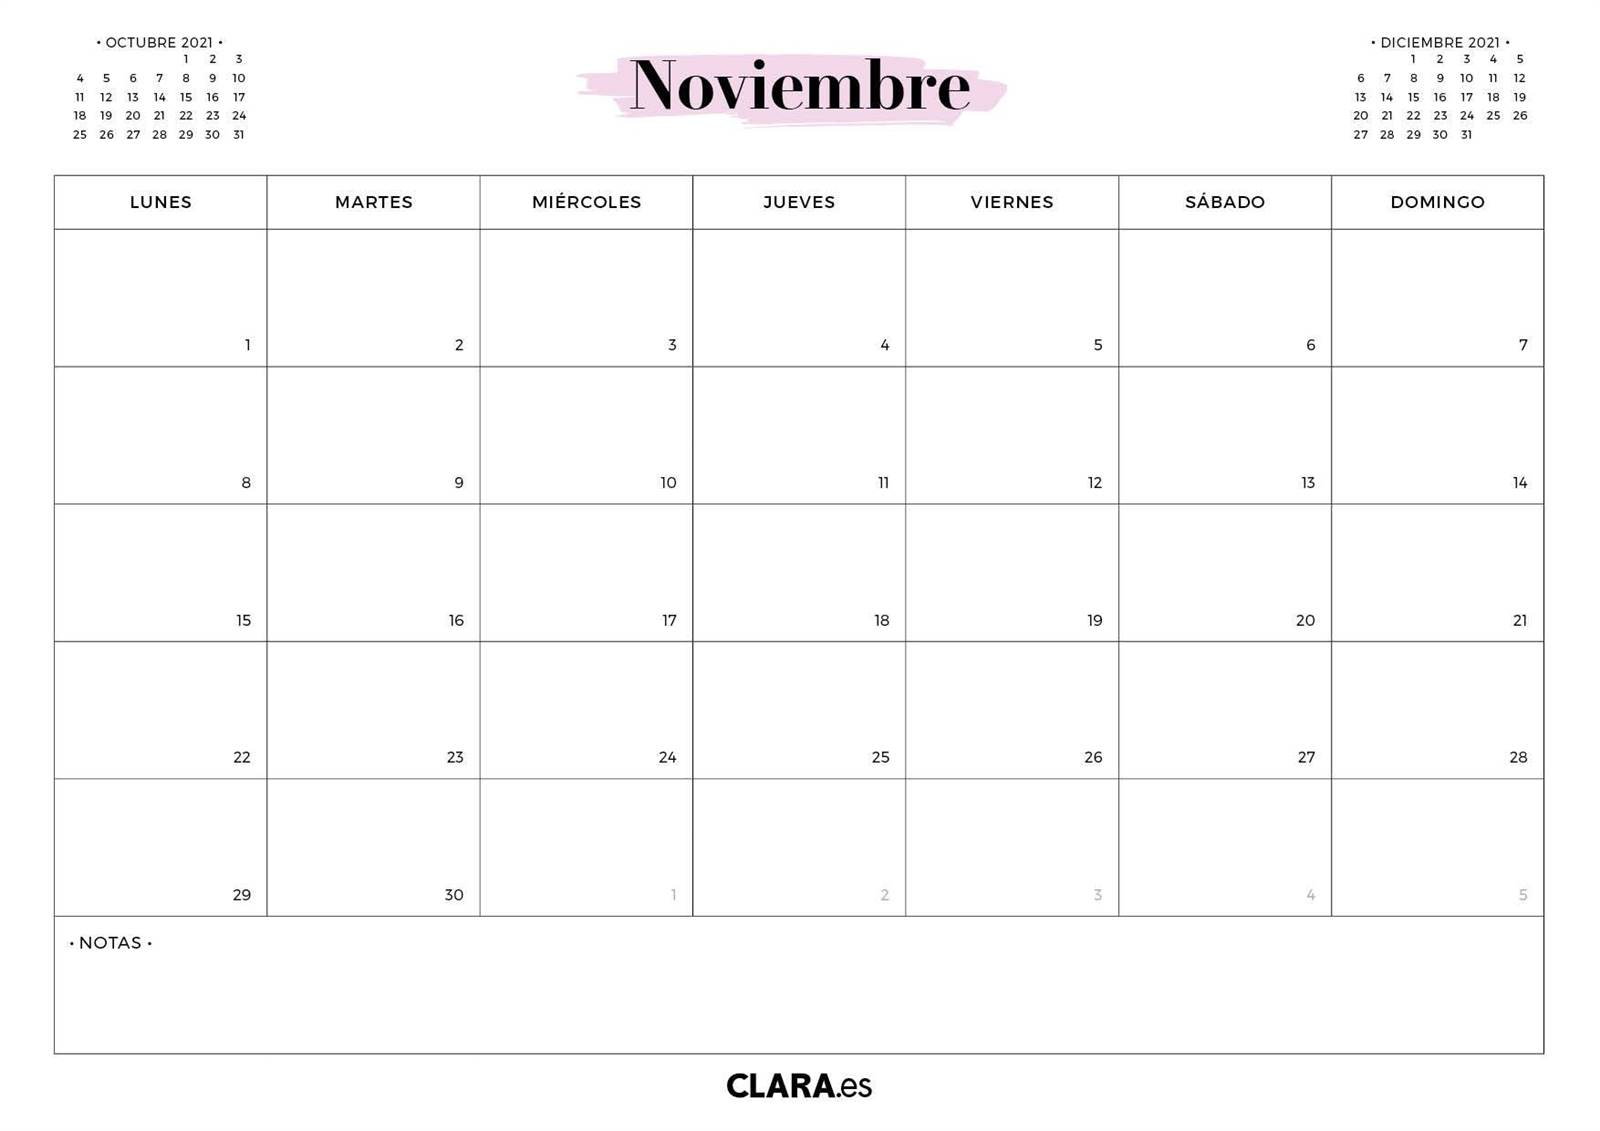 Calendario Juliano 2021 Descargar